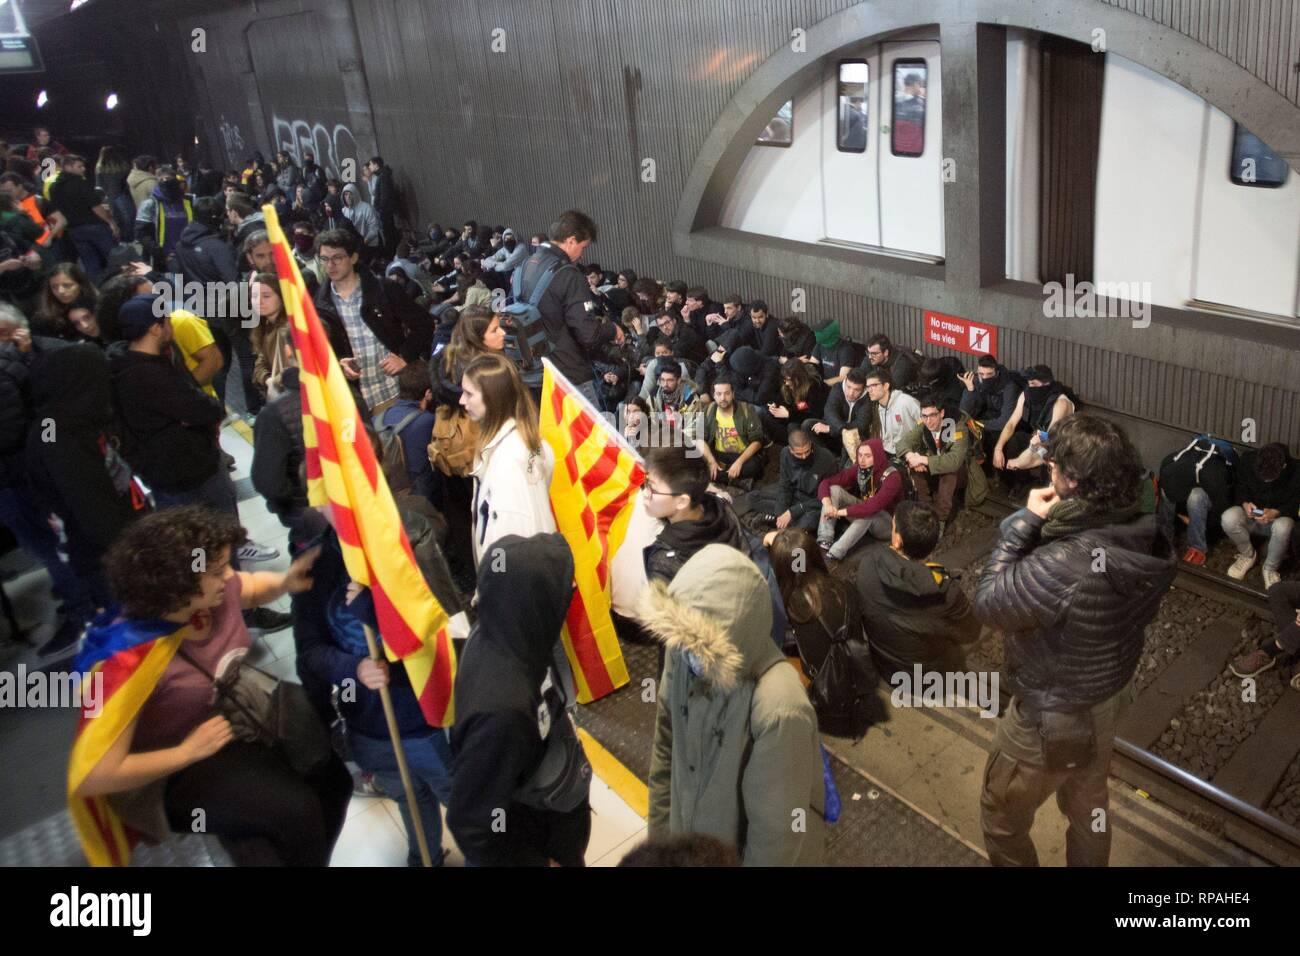 Barcelona, Spain  21st Feb 2019  Several dozen people occupy